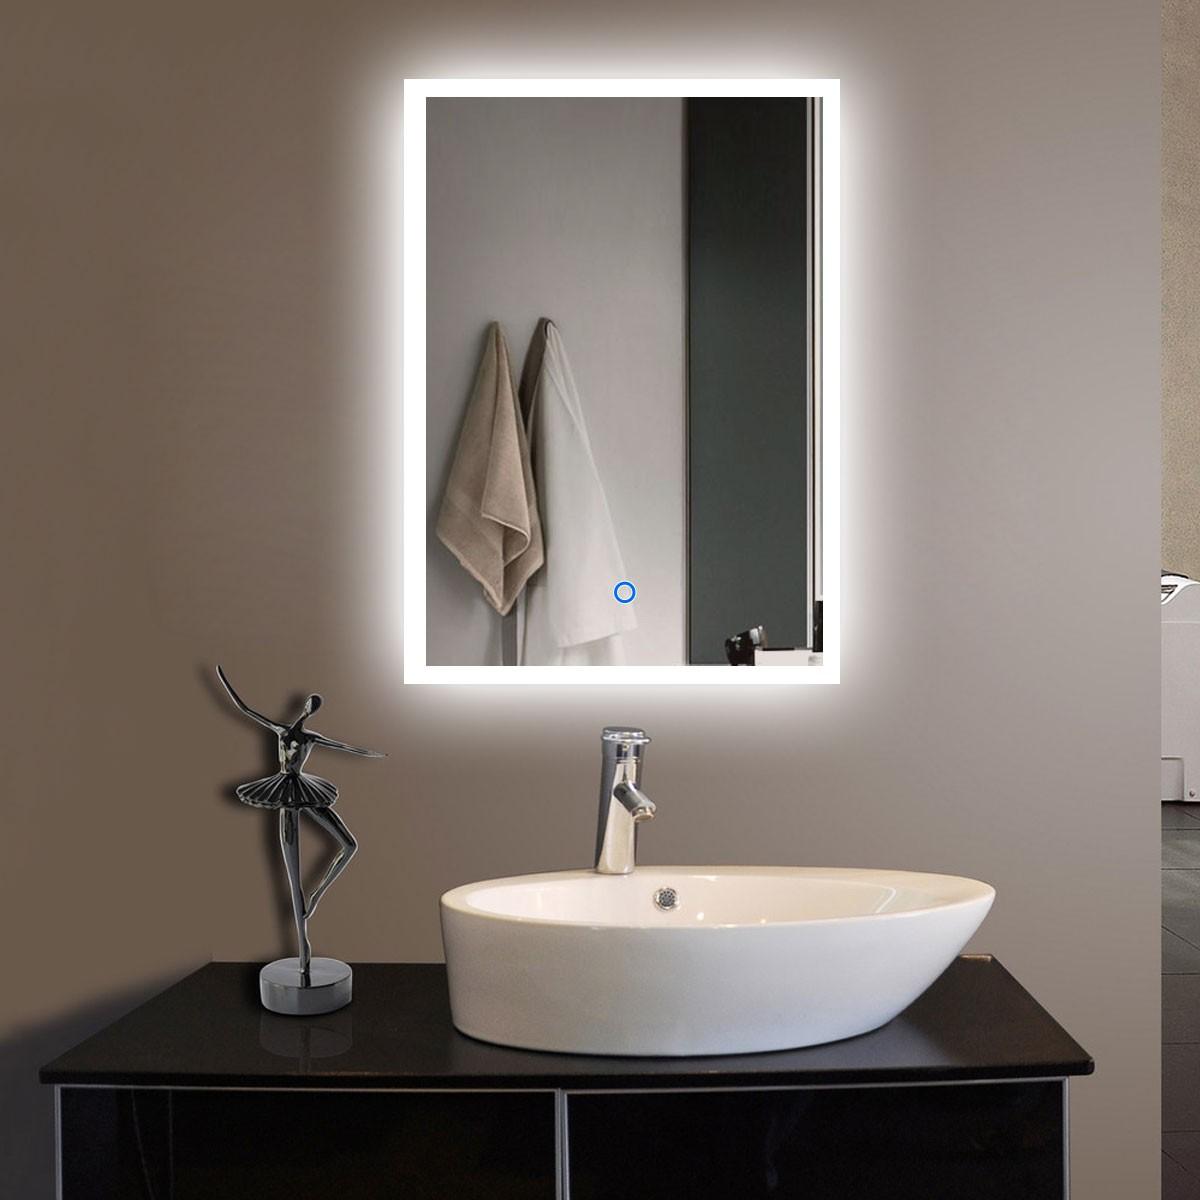 20 x 28 po miroir de salle de bain LED vertical avec bouton tactile (DK-OD-N031-H)